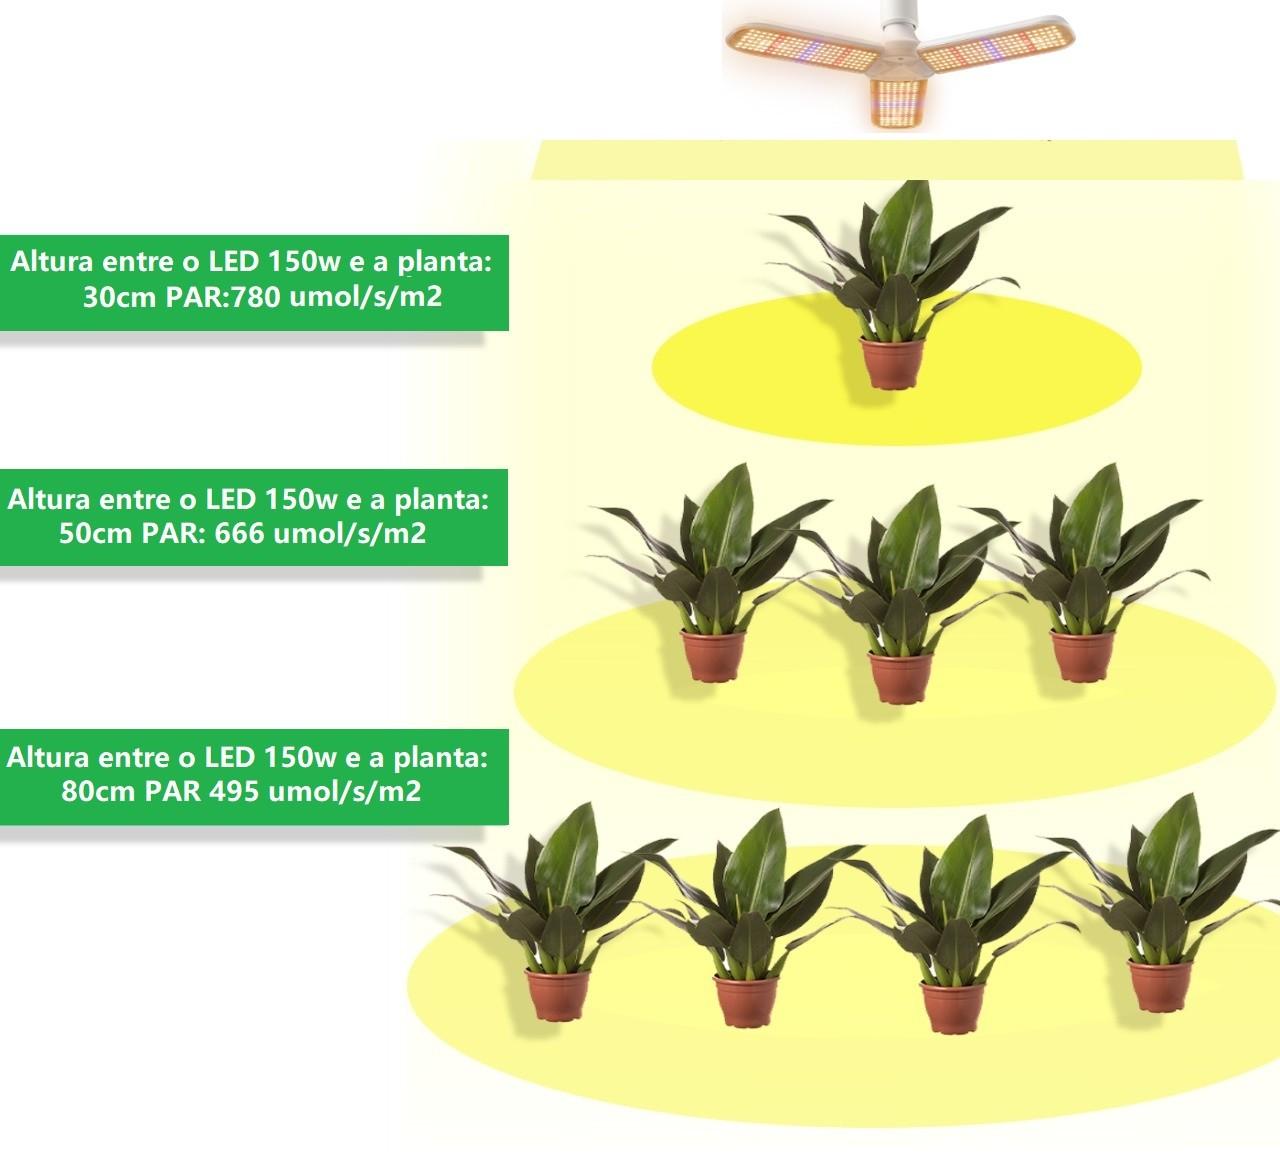 PAINEL GROW QUANTUM LED 150W E-27 (FULL SPECTRUM)